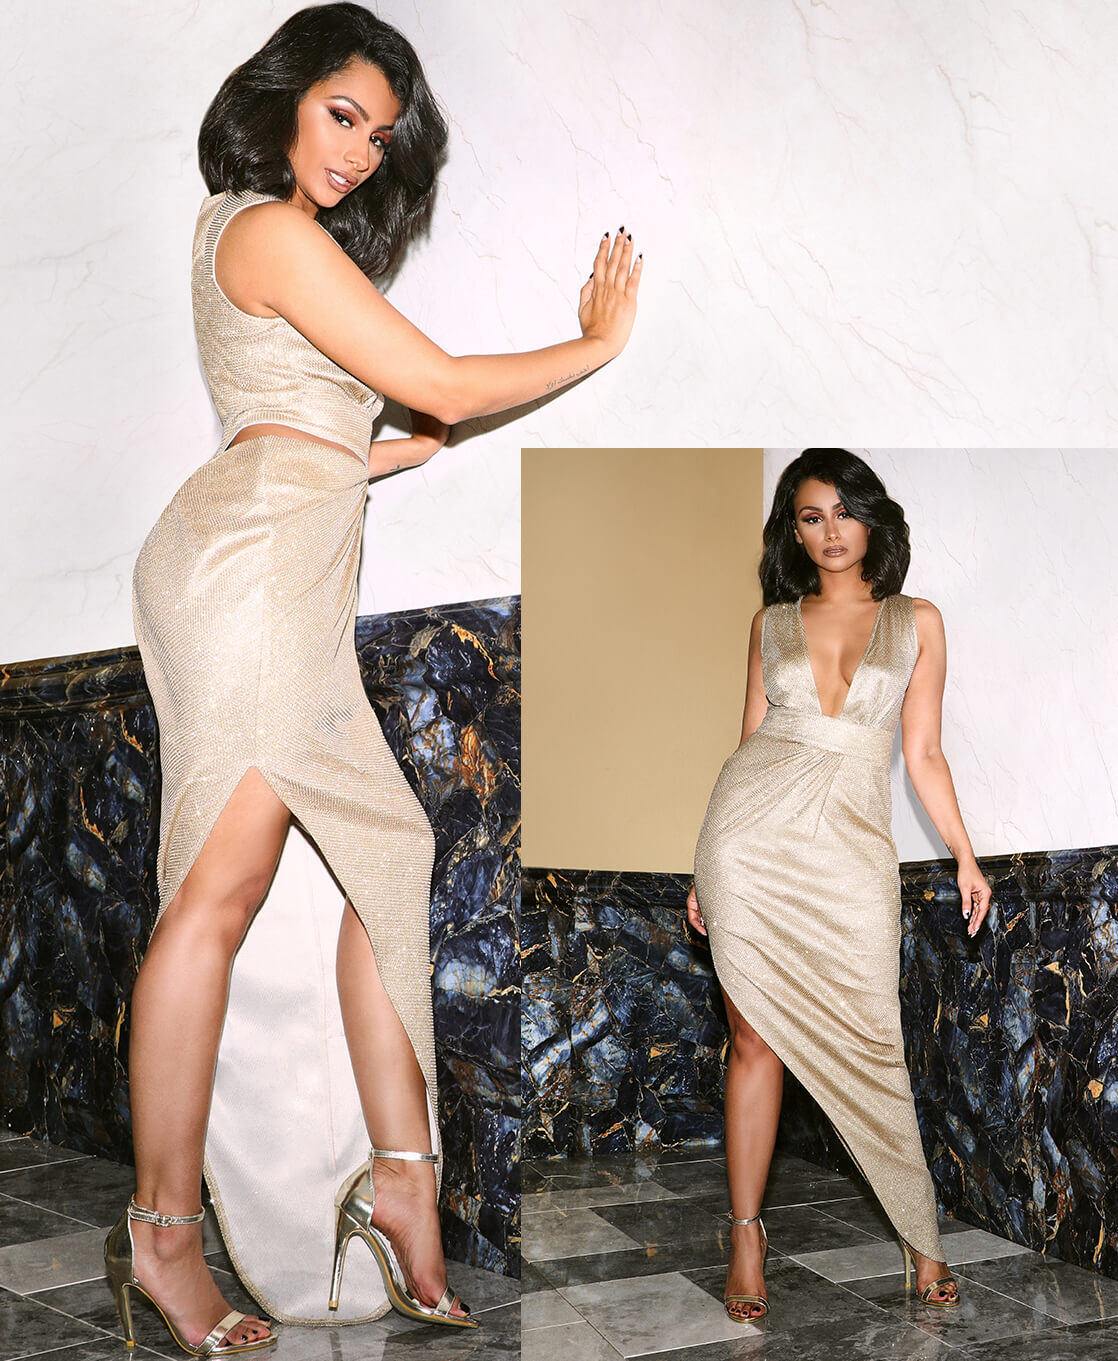 Izabela Guedes Shoot Activewear 1 Mobile